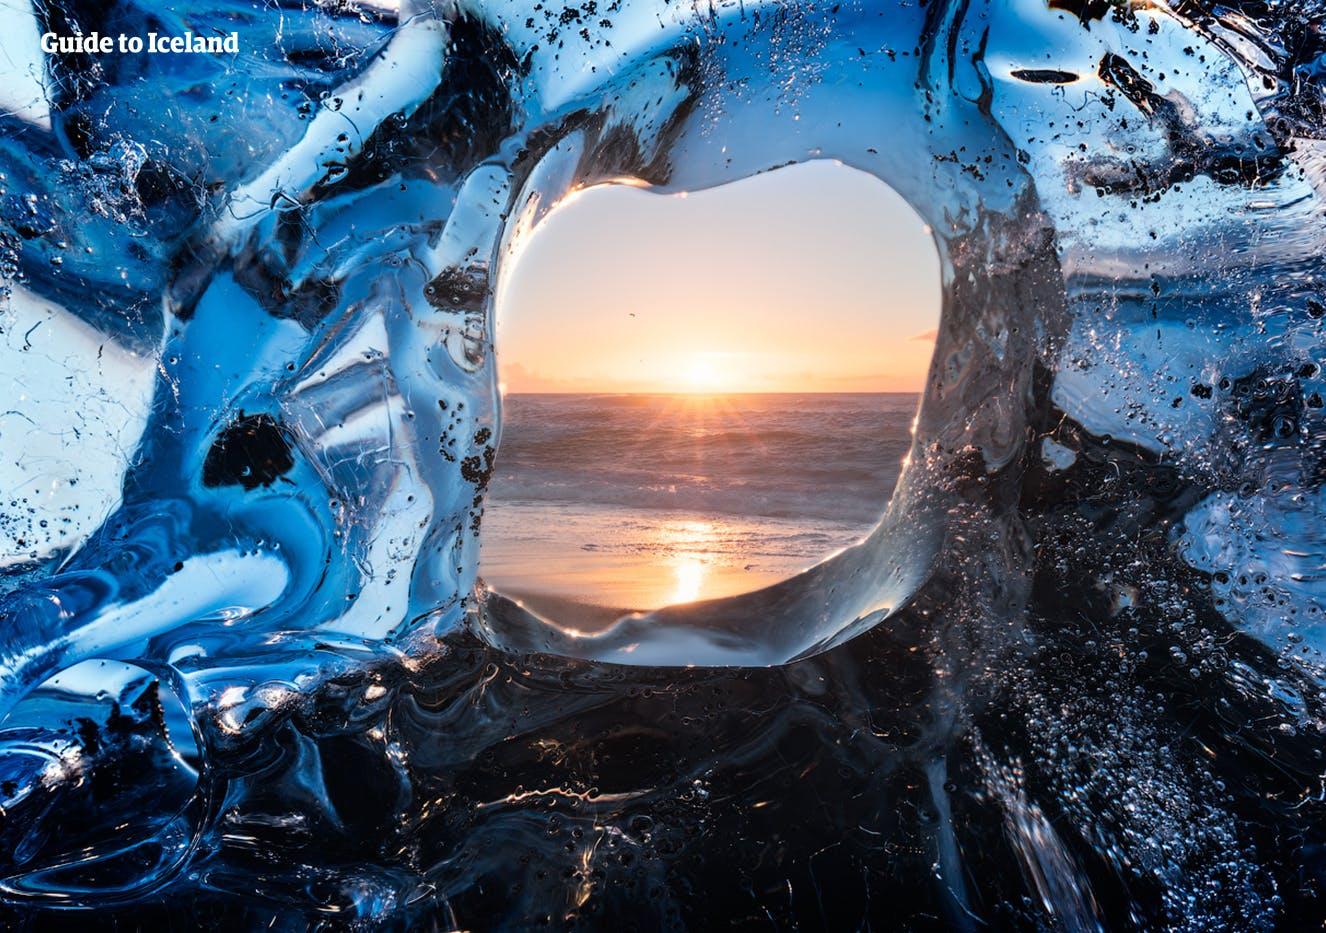 从一块躺在钻石沙滩上的碎冰之间观看冰岛杰古沙龙冰河湖的景色。